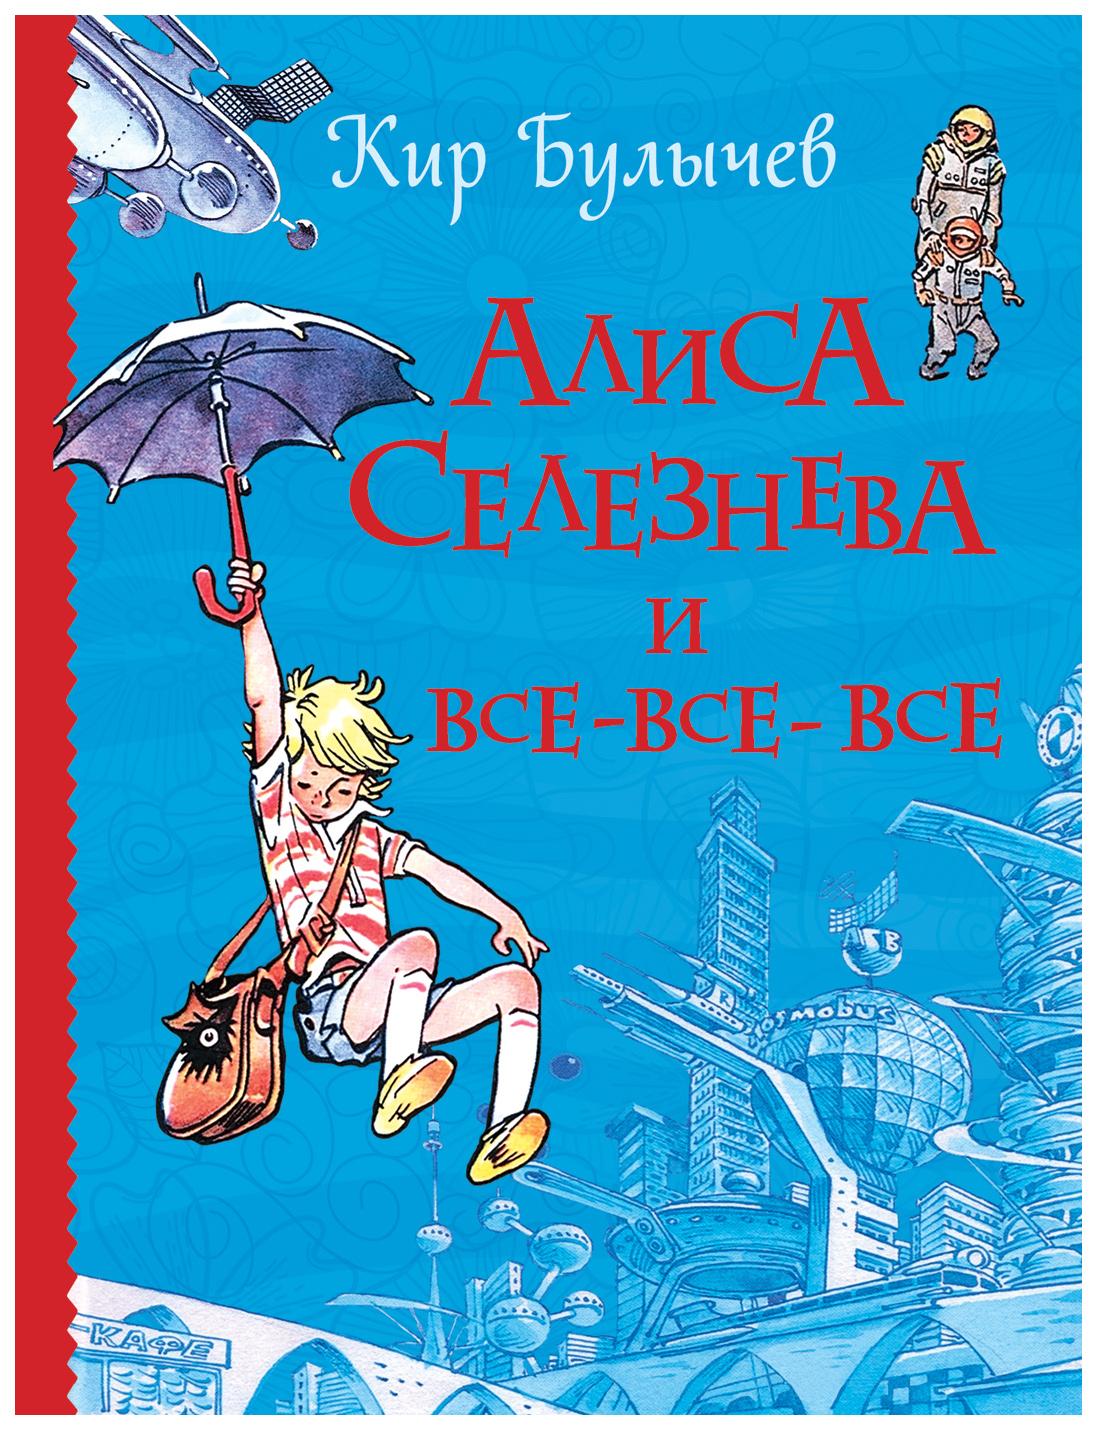 Алиса Селезнева и Все-Все-Все (Все Истории) фото